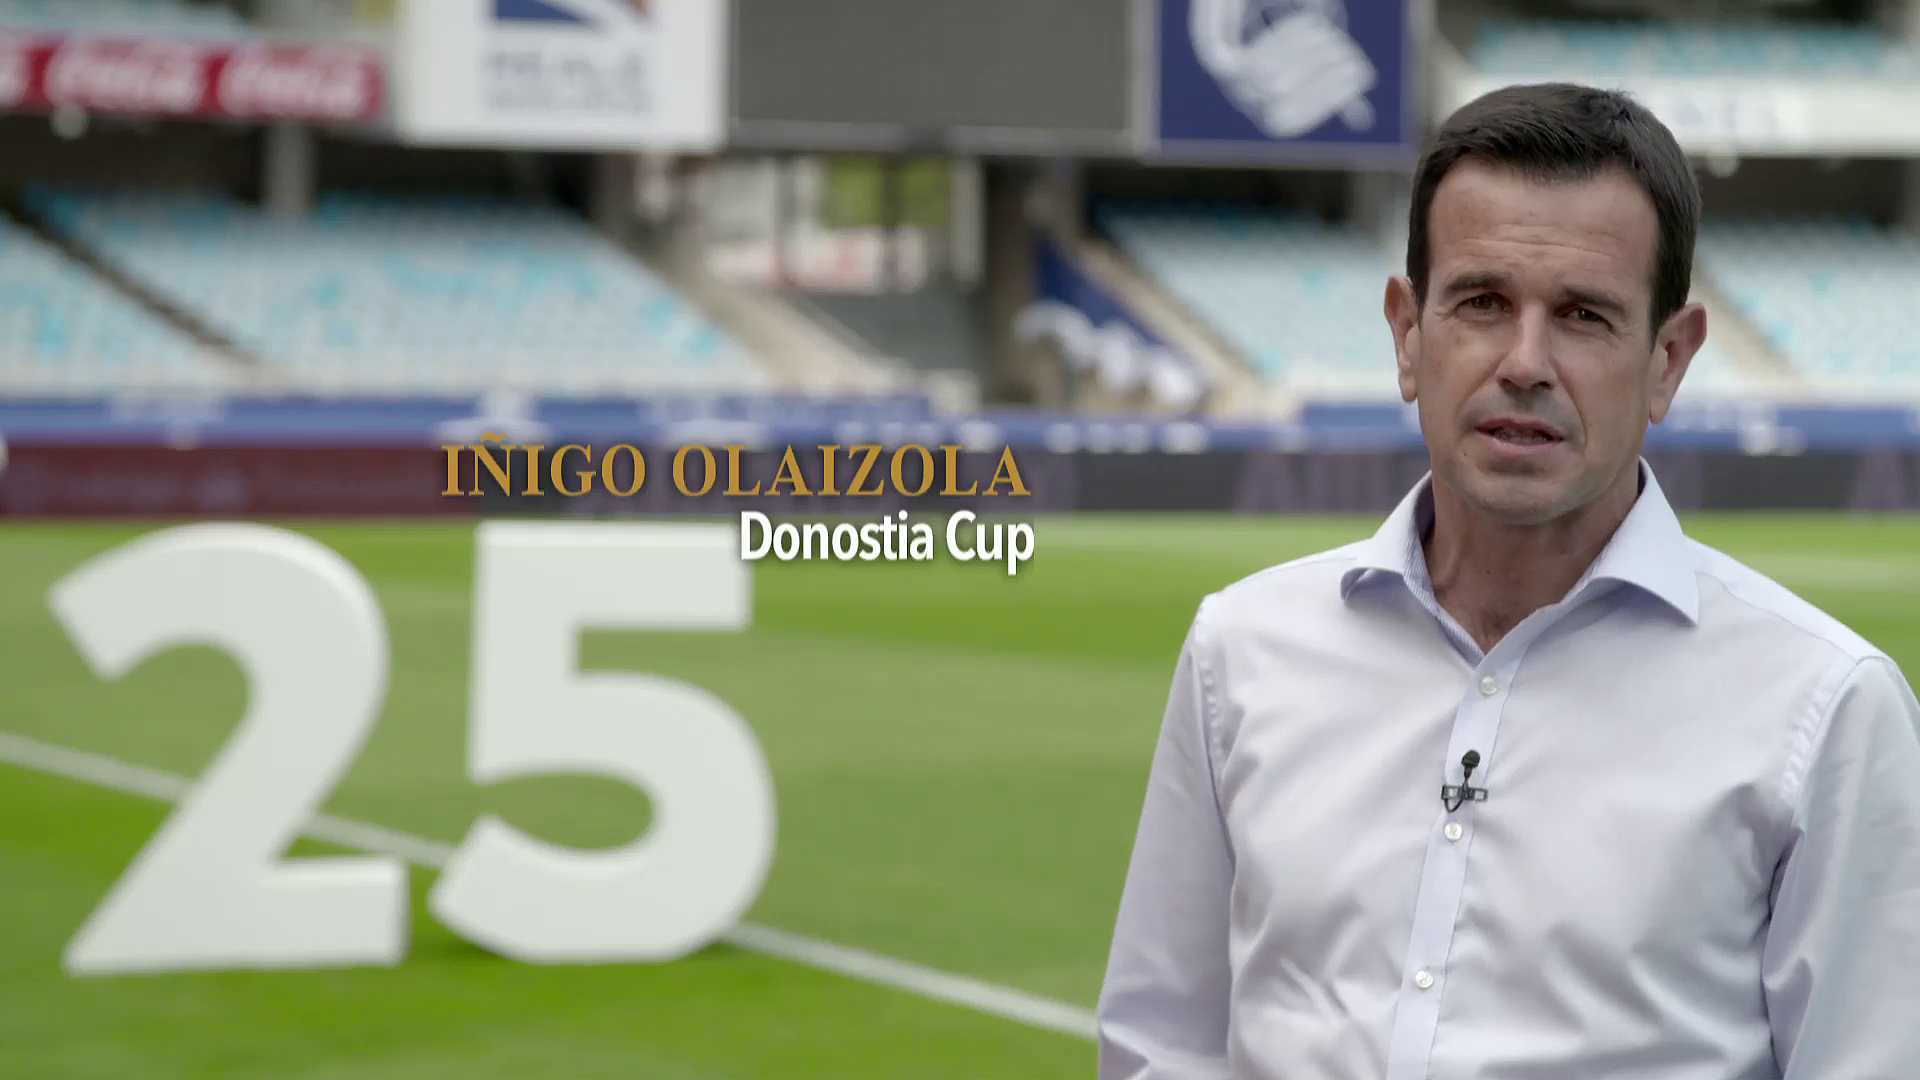 Merkataritza eta Turismo sariak. Donostia Cup25 - Iñigo Olaizola